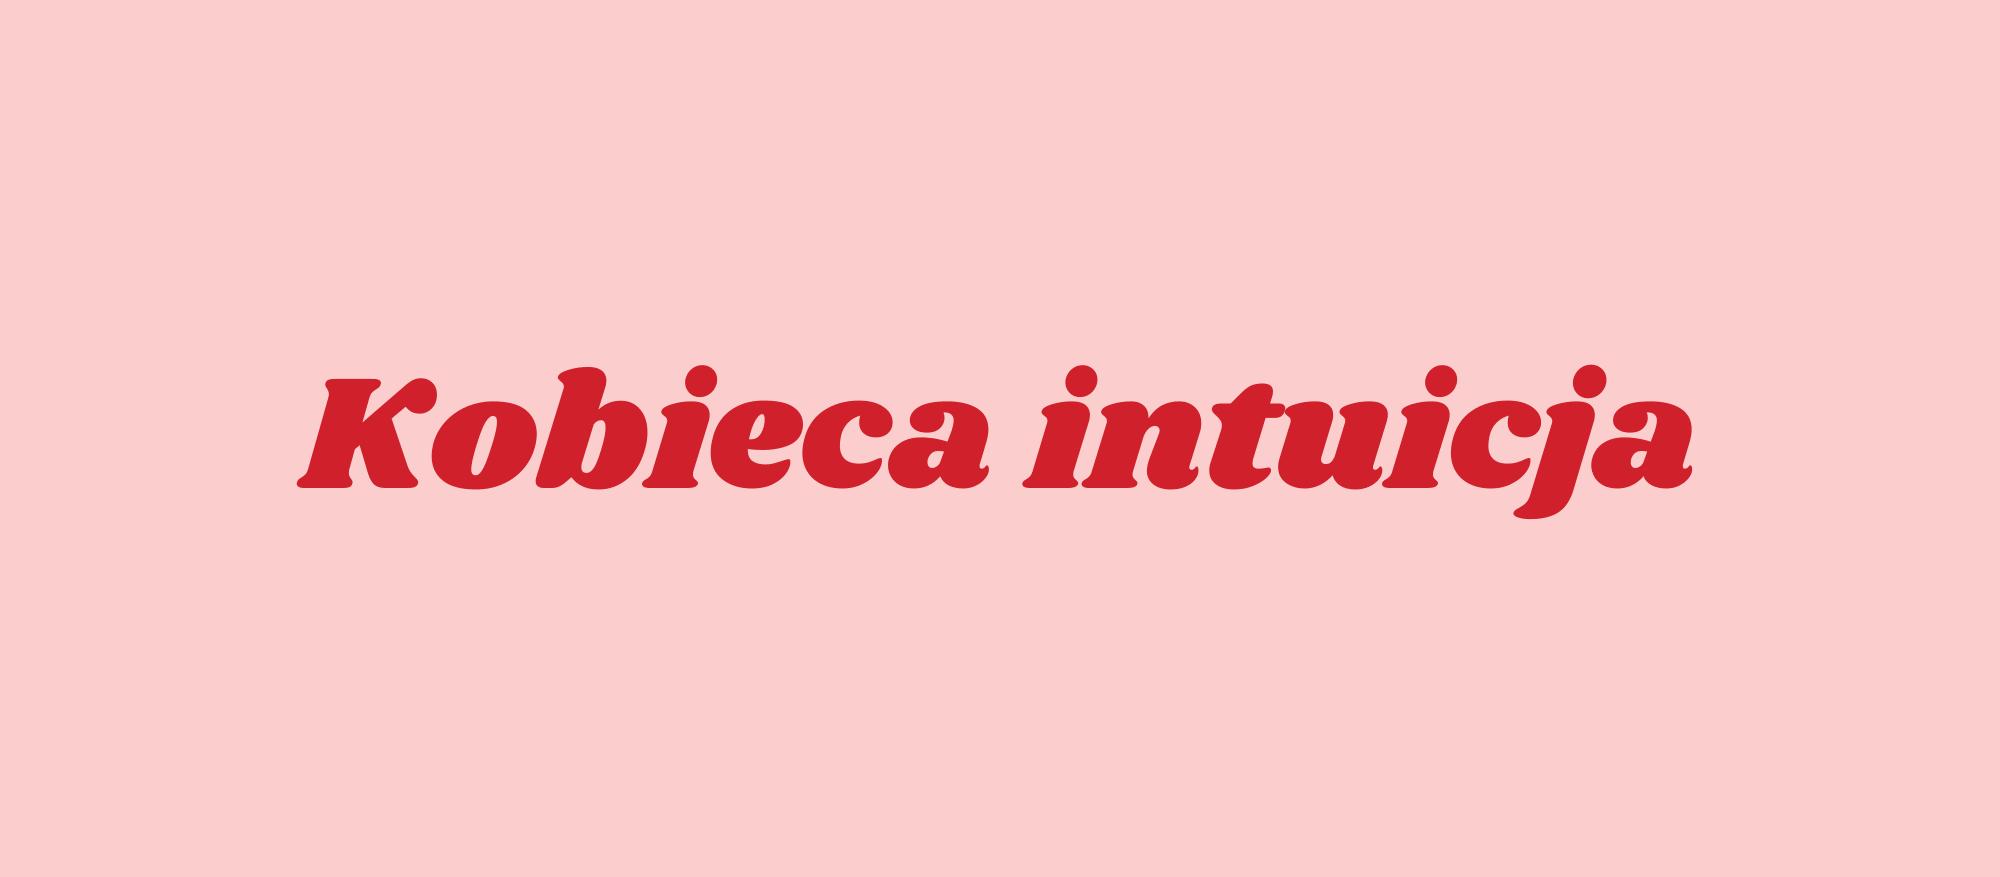 Kobieca intuicja-min